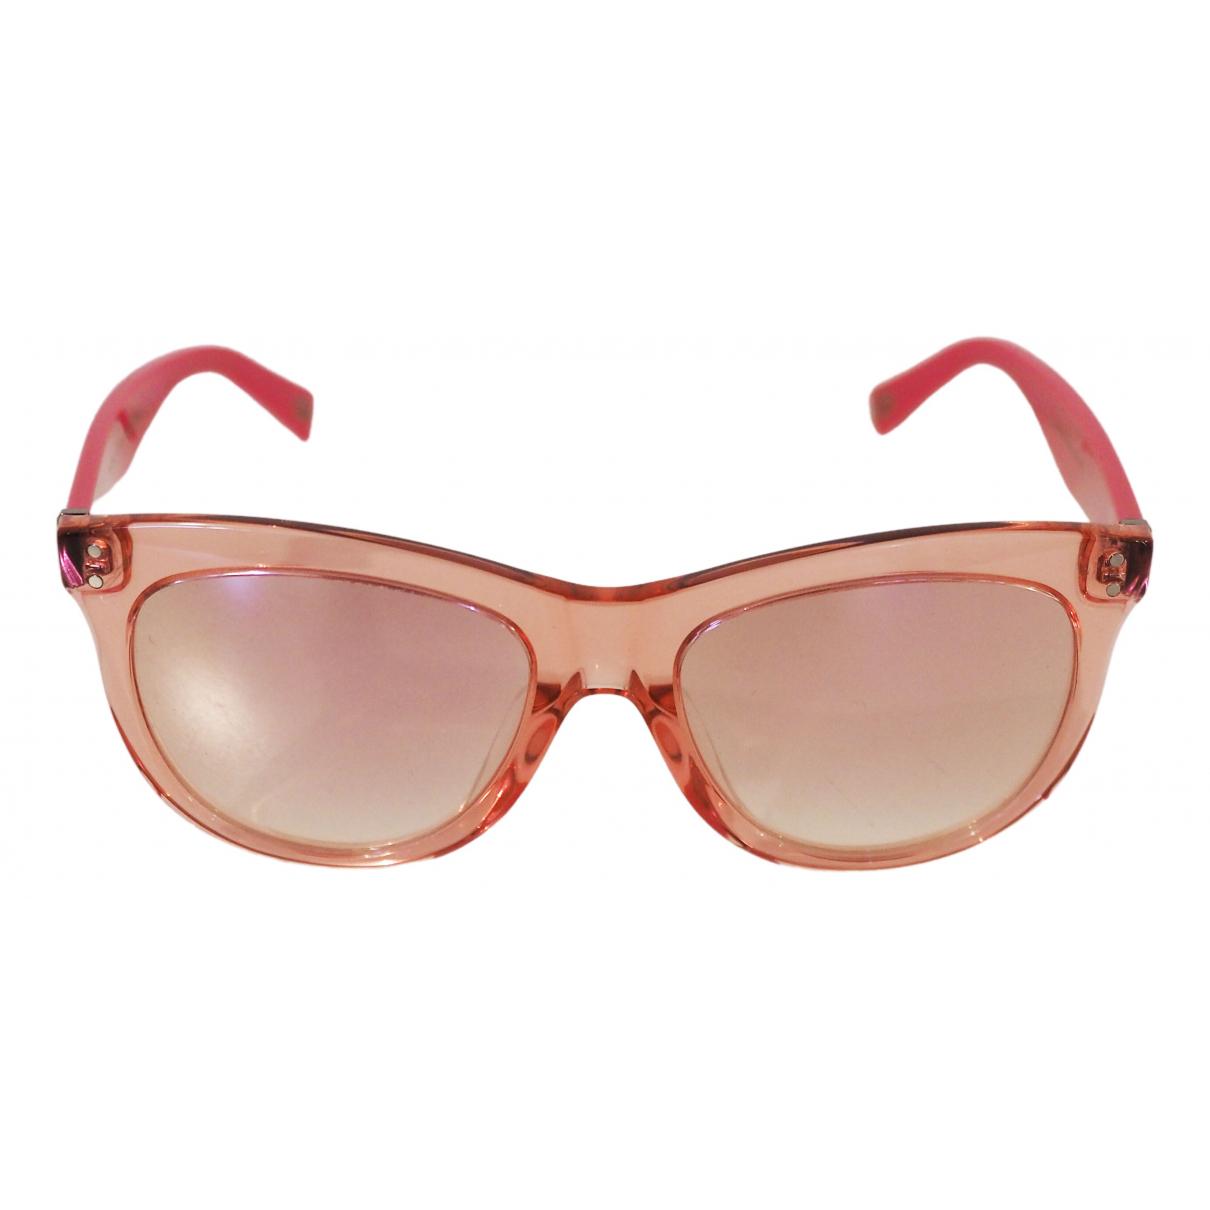 Marc Jacobs - Lunettes   pour femme - rose